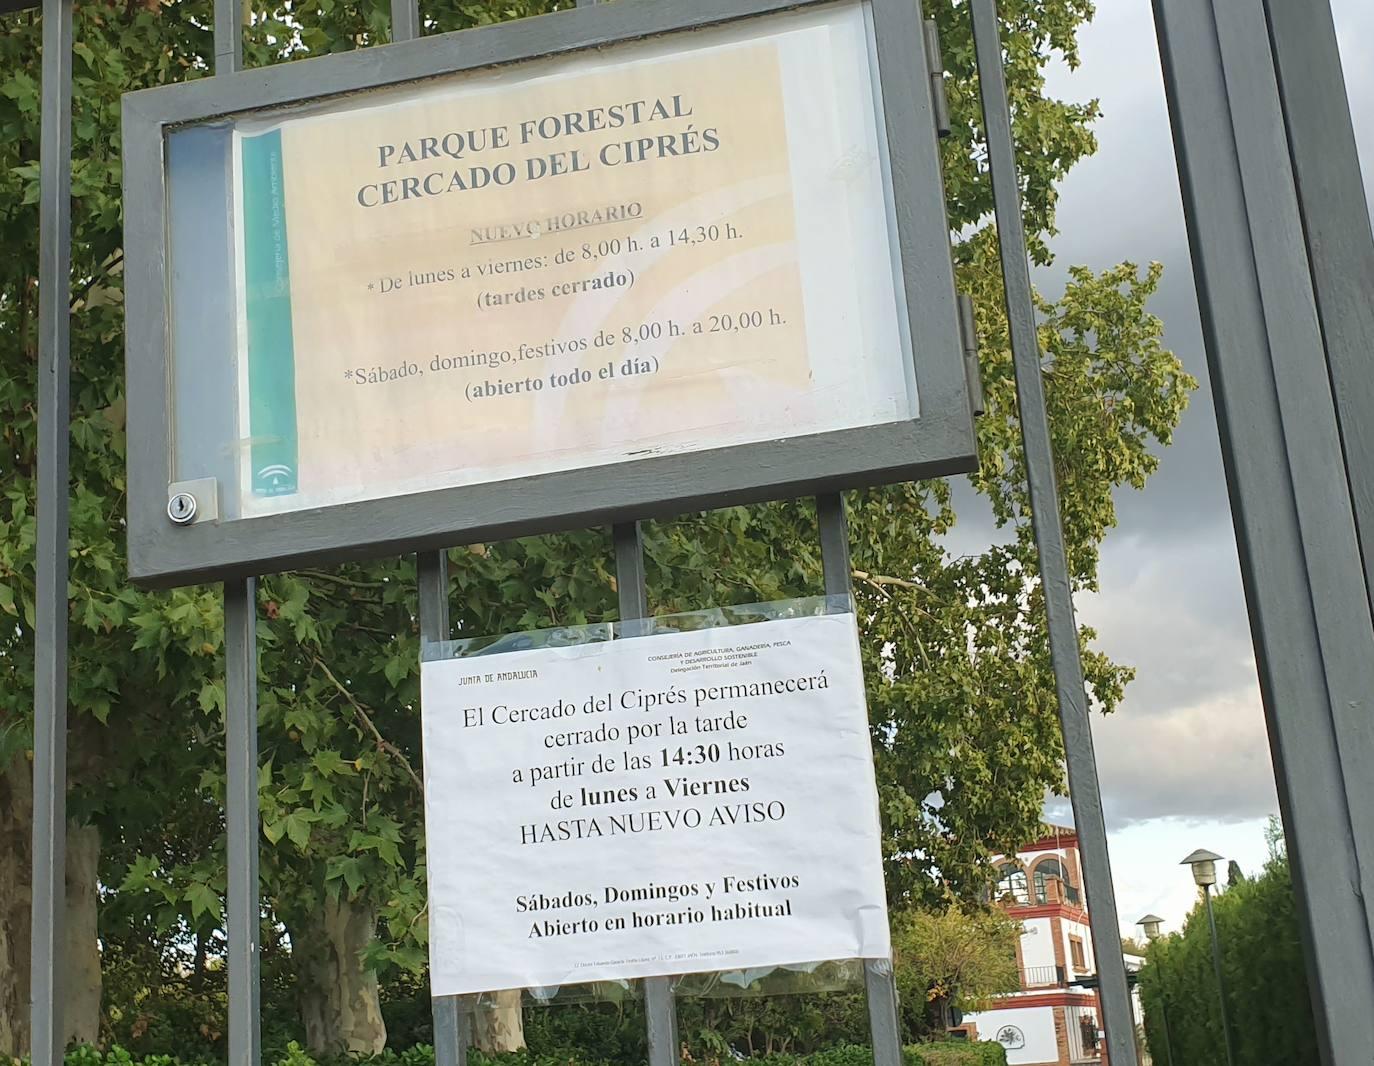 El parque medioamibiental del Cercado del Ciprés cierra por las tardes de lunes a viernes